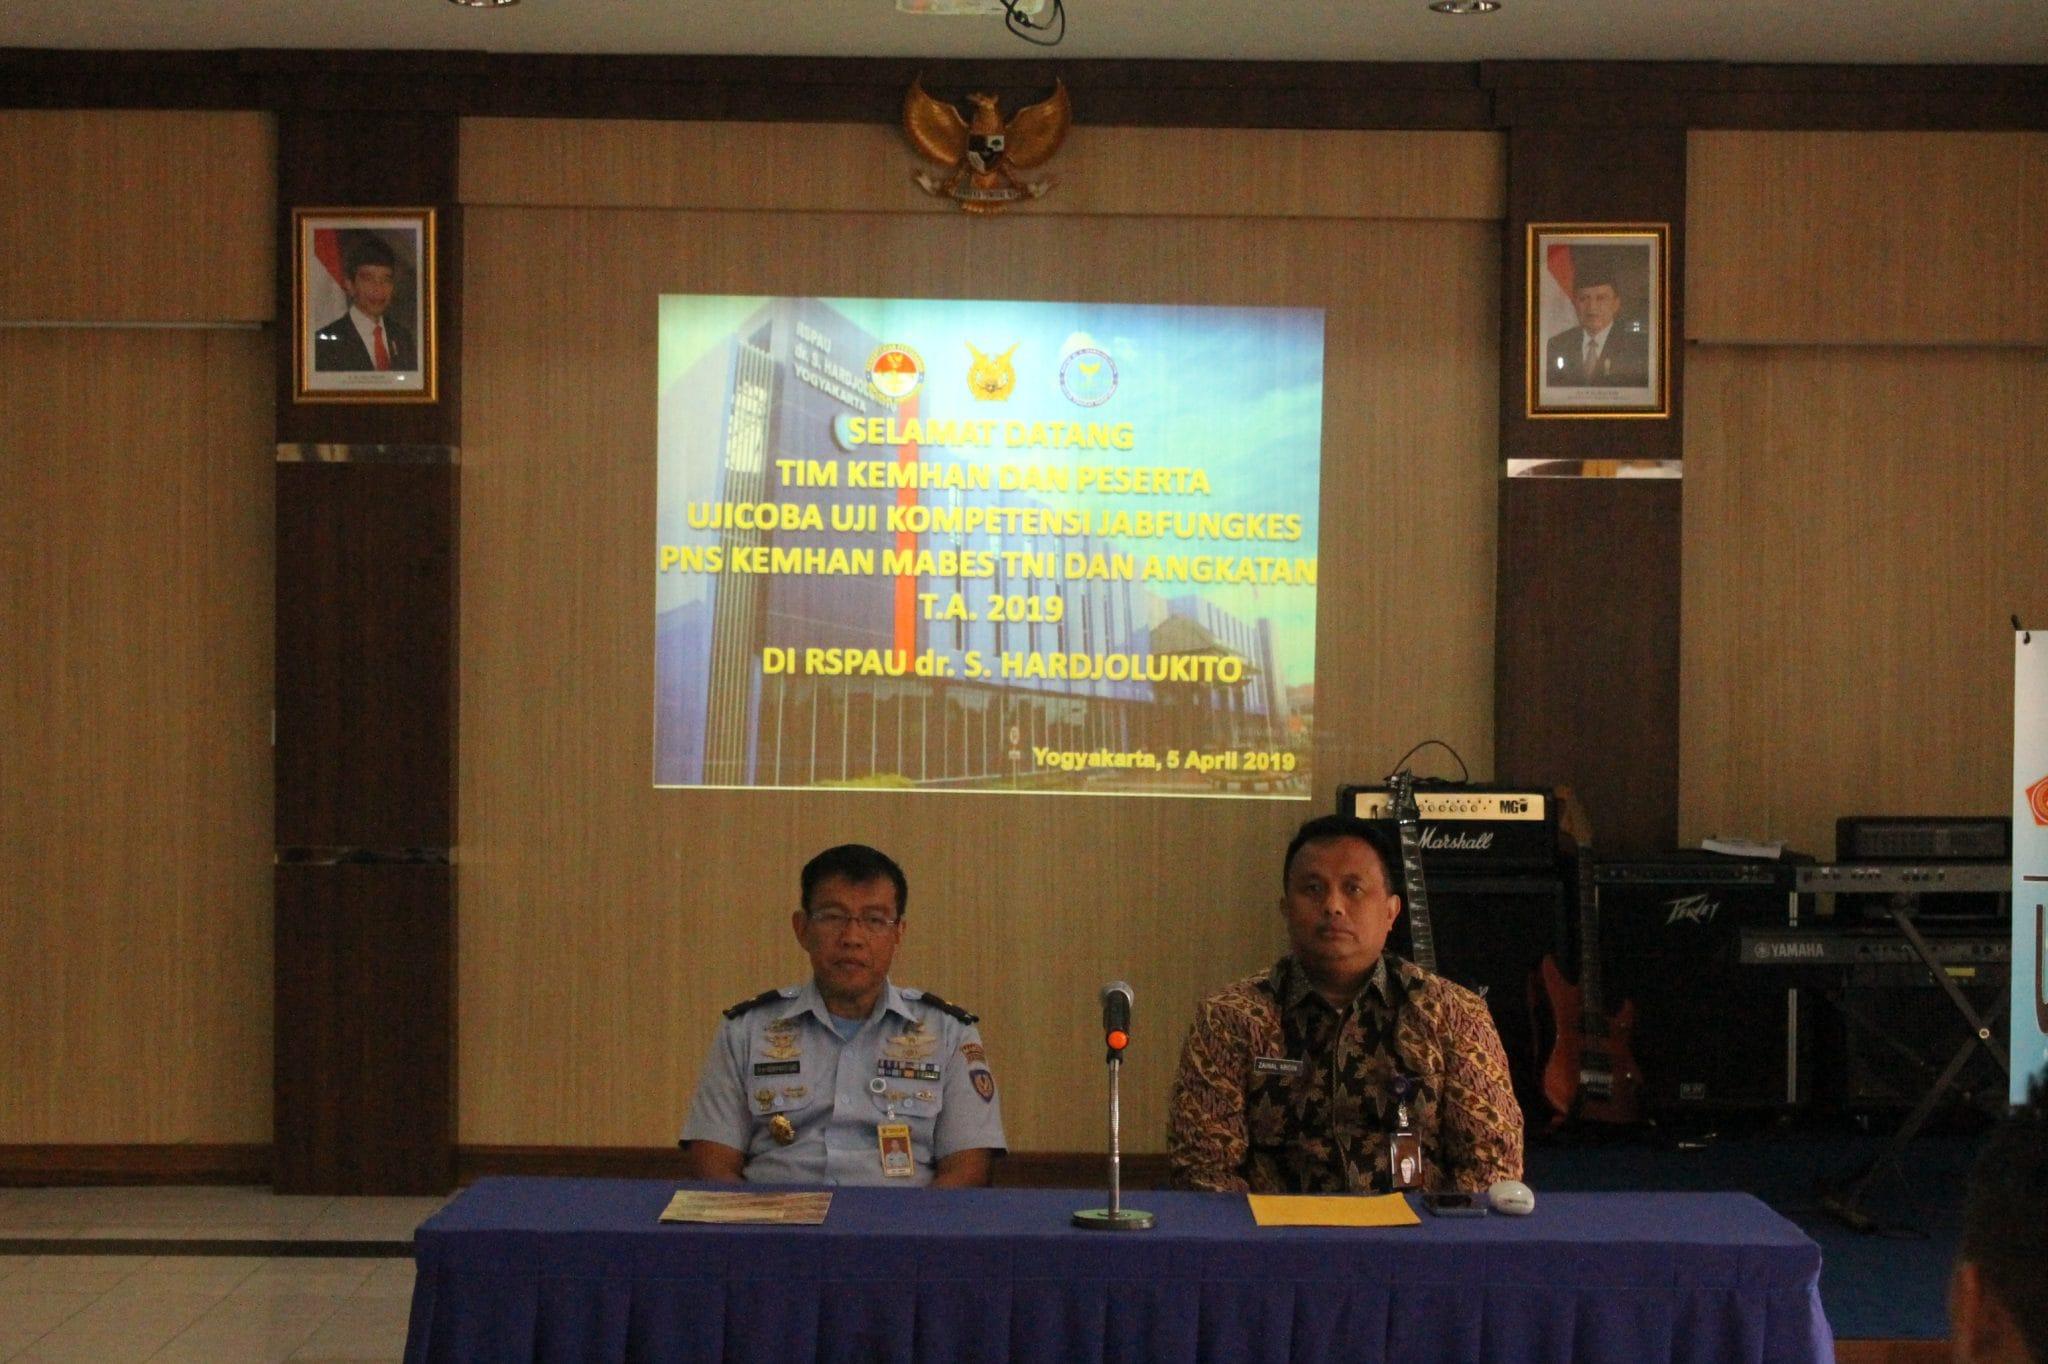 Uji Coba Kompetensi Jabatan Fungsional Kesehatan di RSPAU Dr. S. Hardjolukito